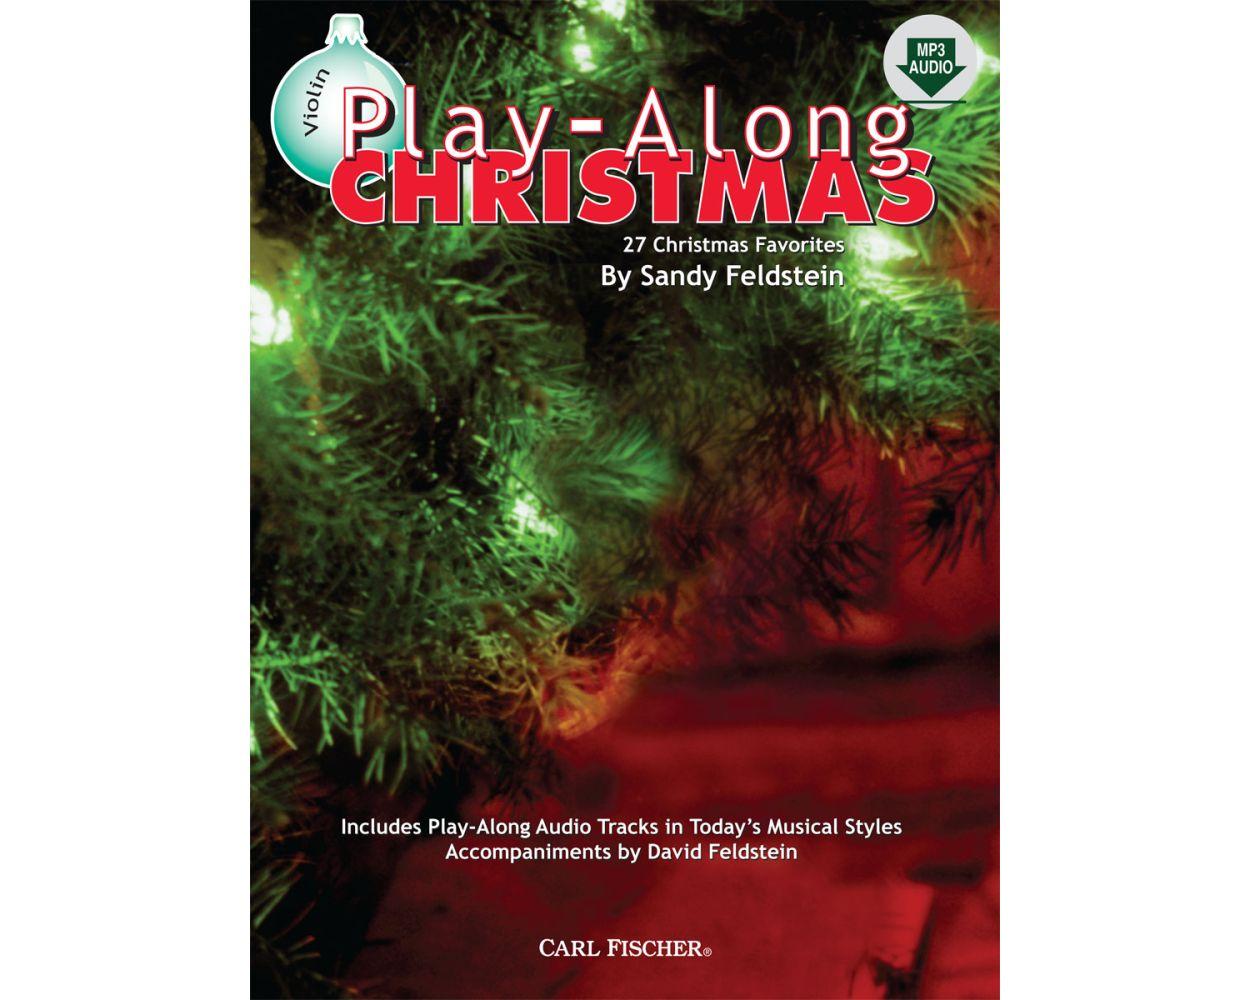 Play Along Christmas